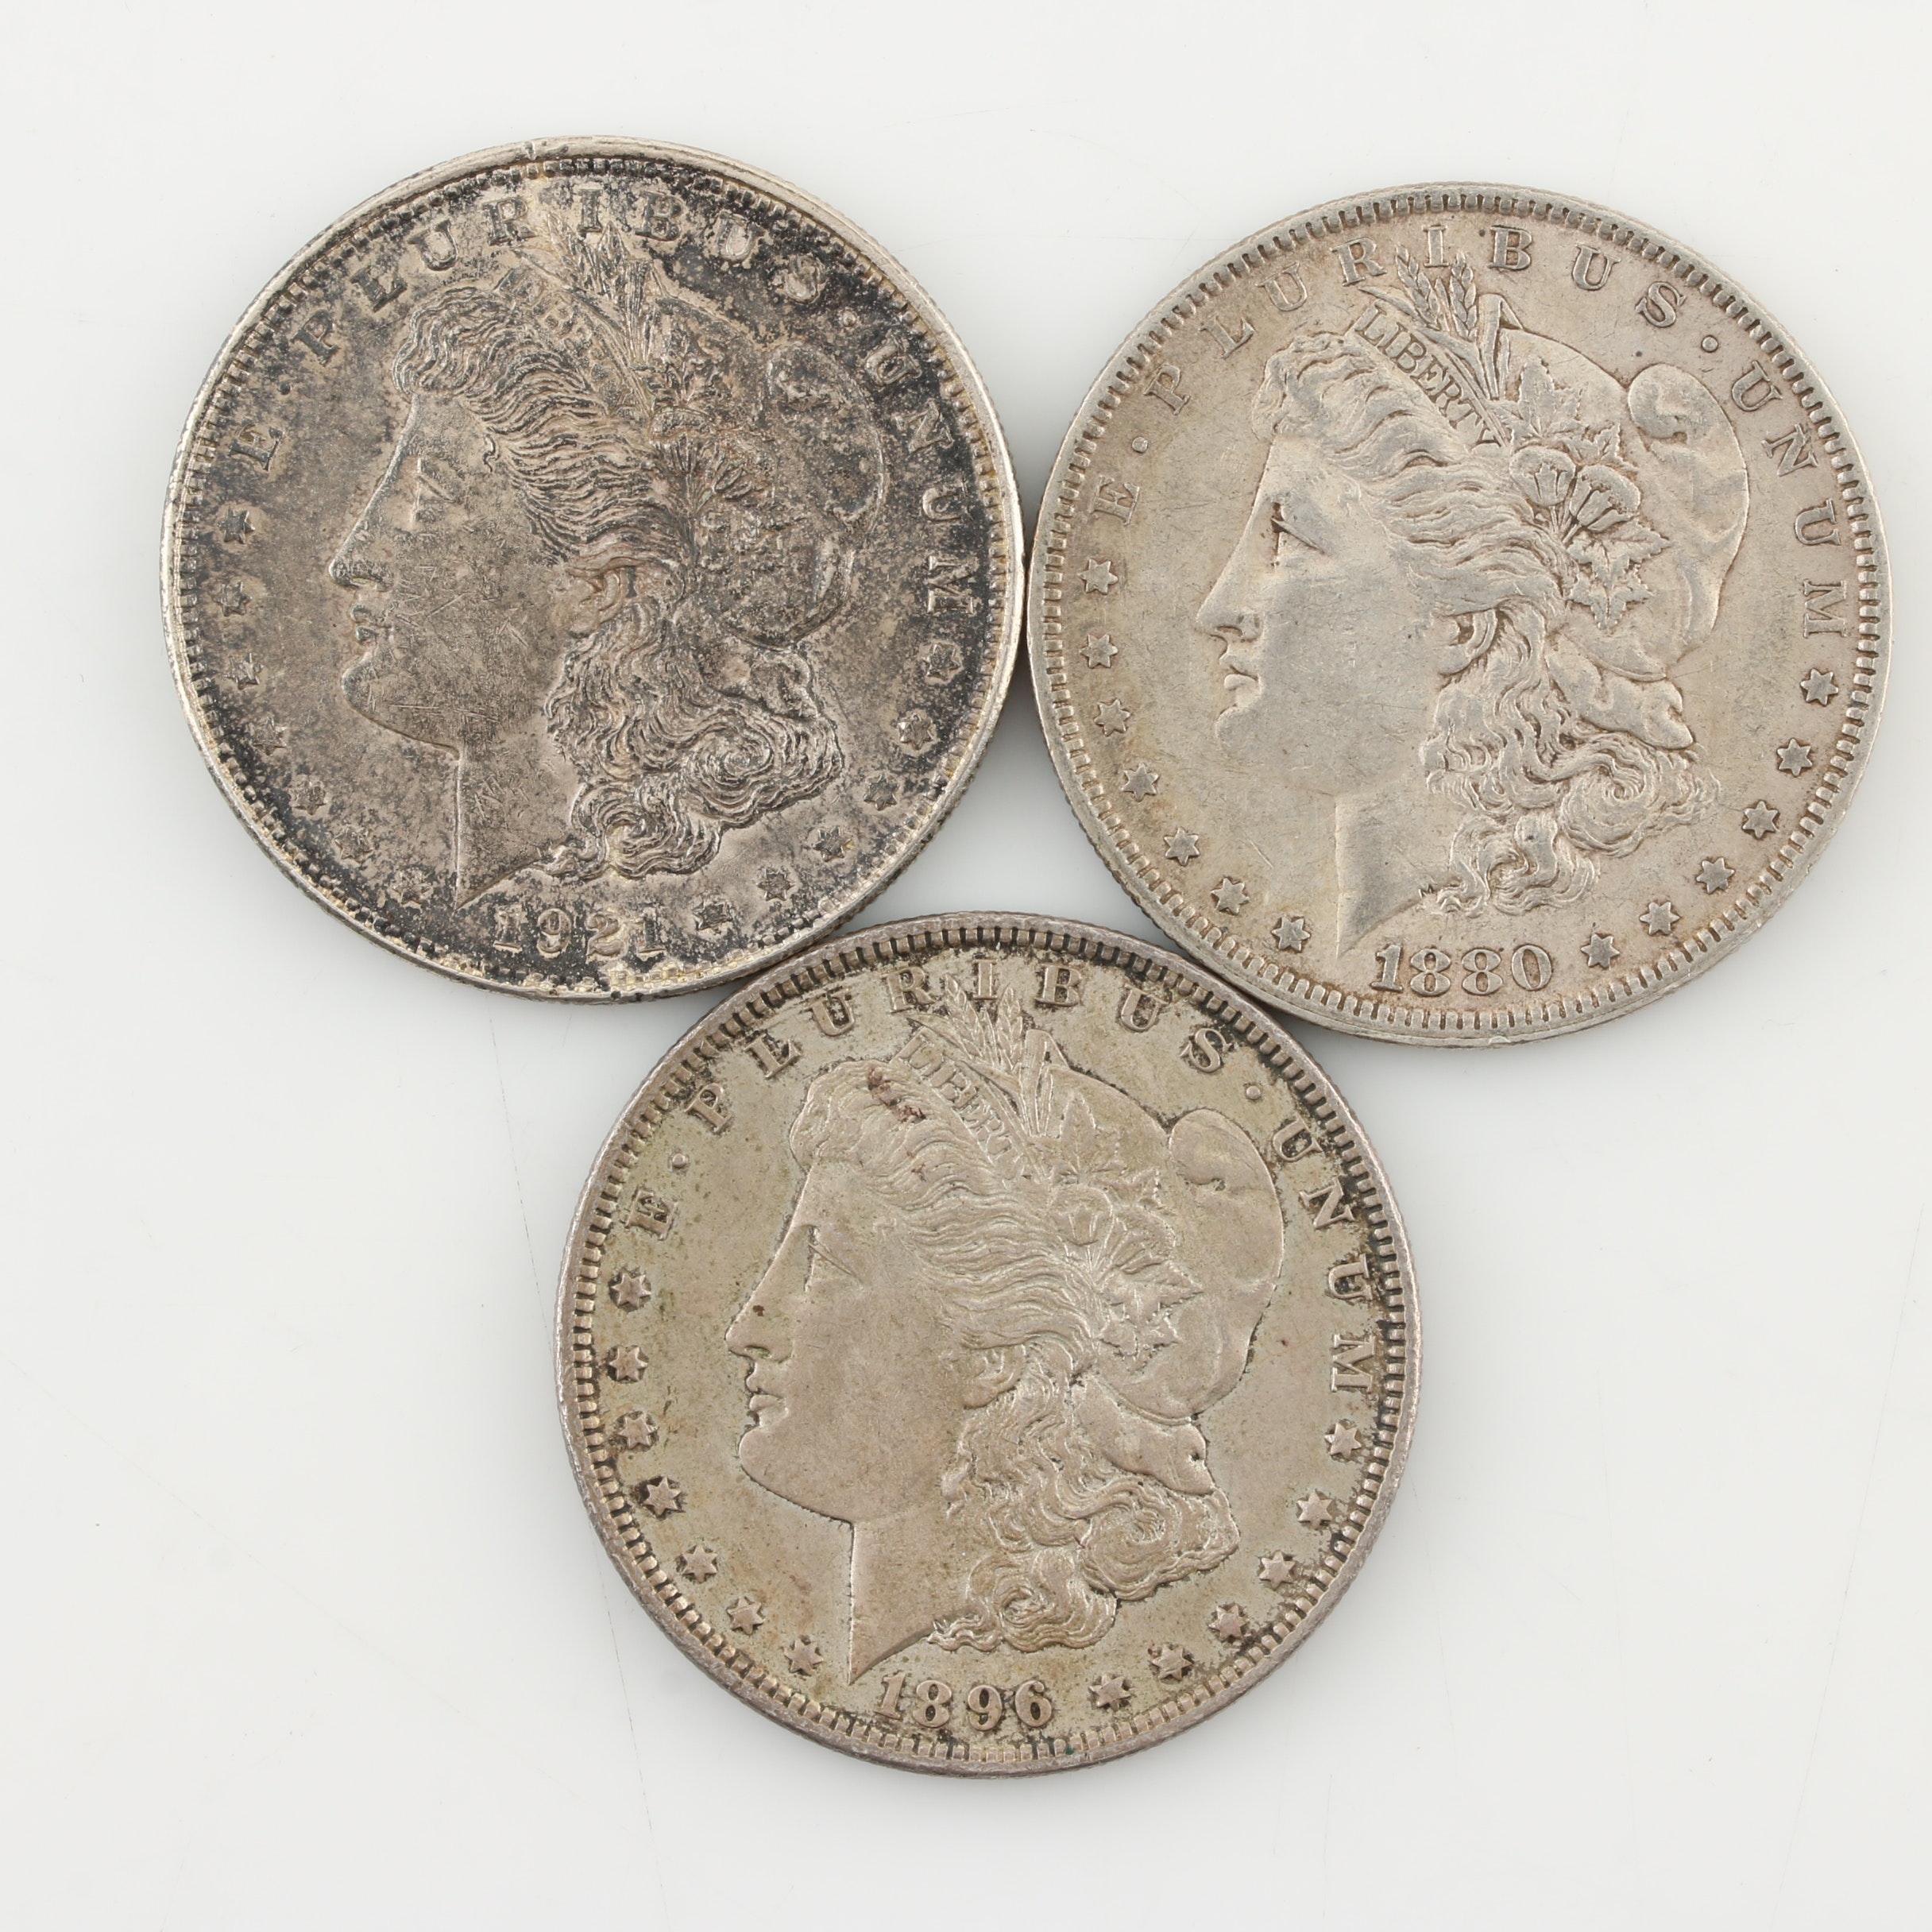 Three Morgan Silver Dollars: 1880-O, 1896, and 1921